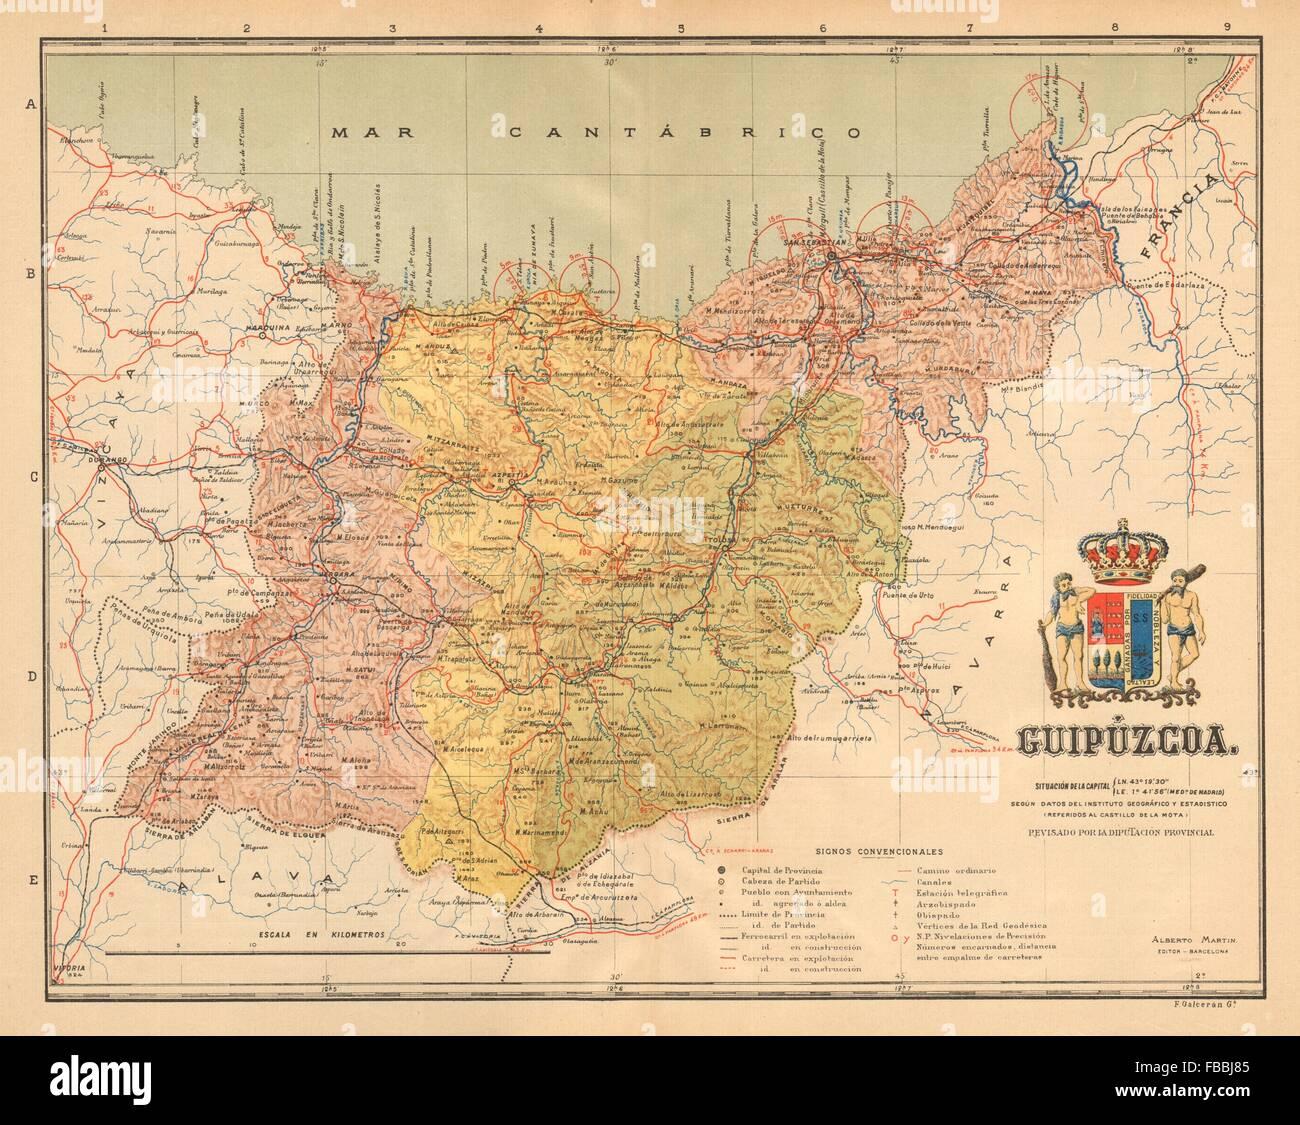 Mapa San Sebastian Provincia.Gipuzkoa Guipuzcoa San Sebastian Euskadi Mapa Antiguo